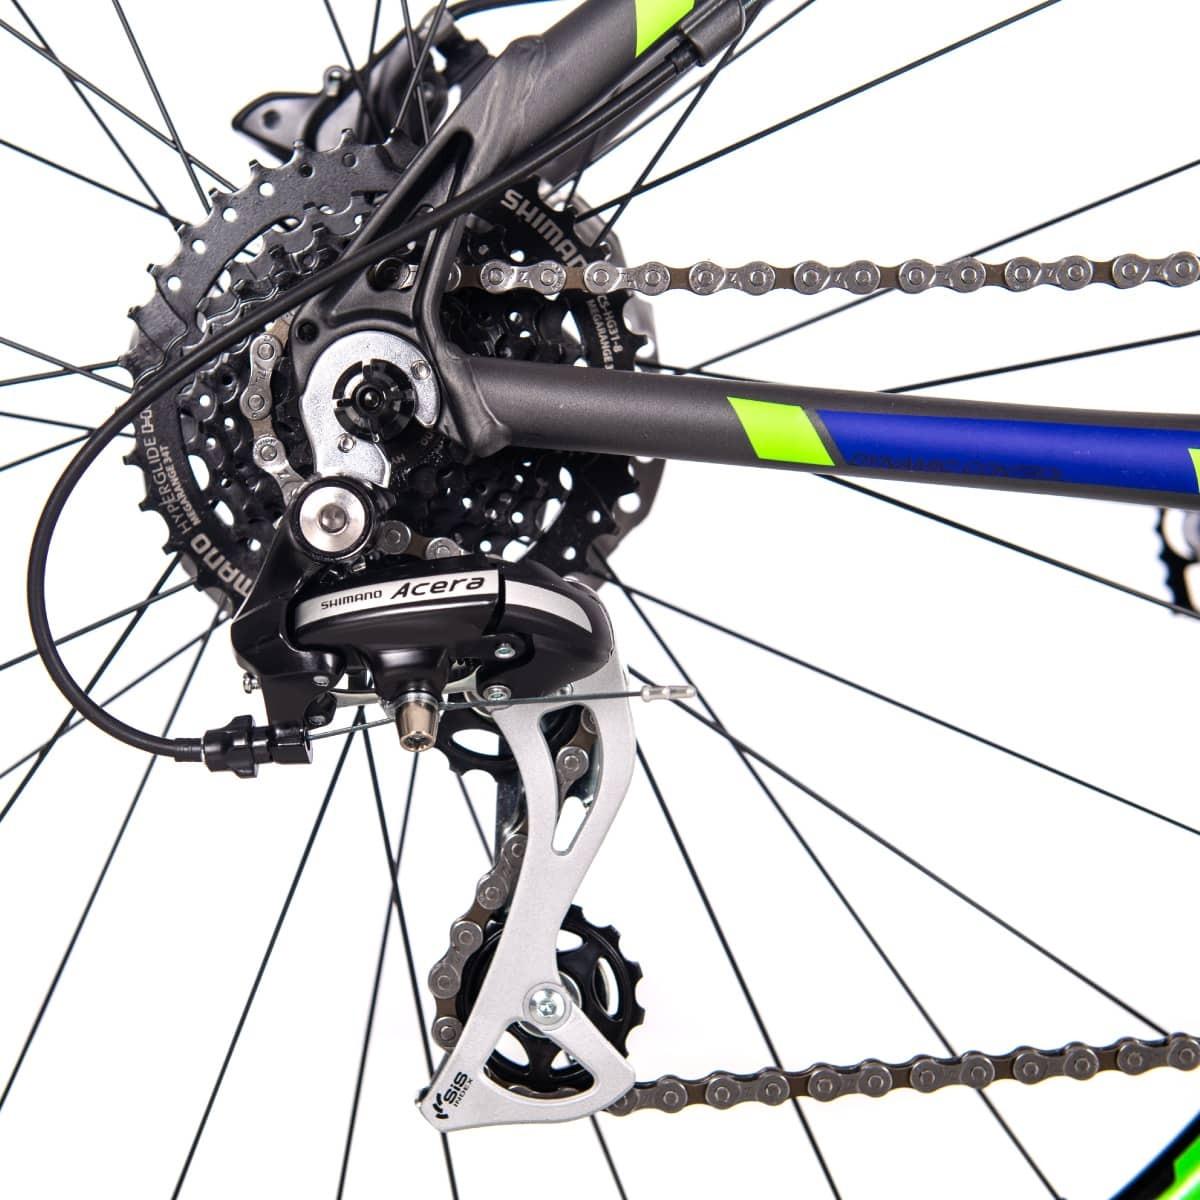 60a26eef1 bike sense fun 2019 24v shimano acera hidráulico + brinde. Carregando zoom.